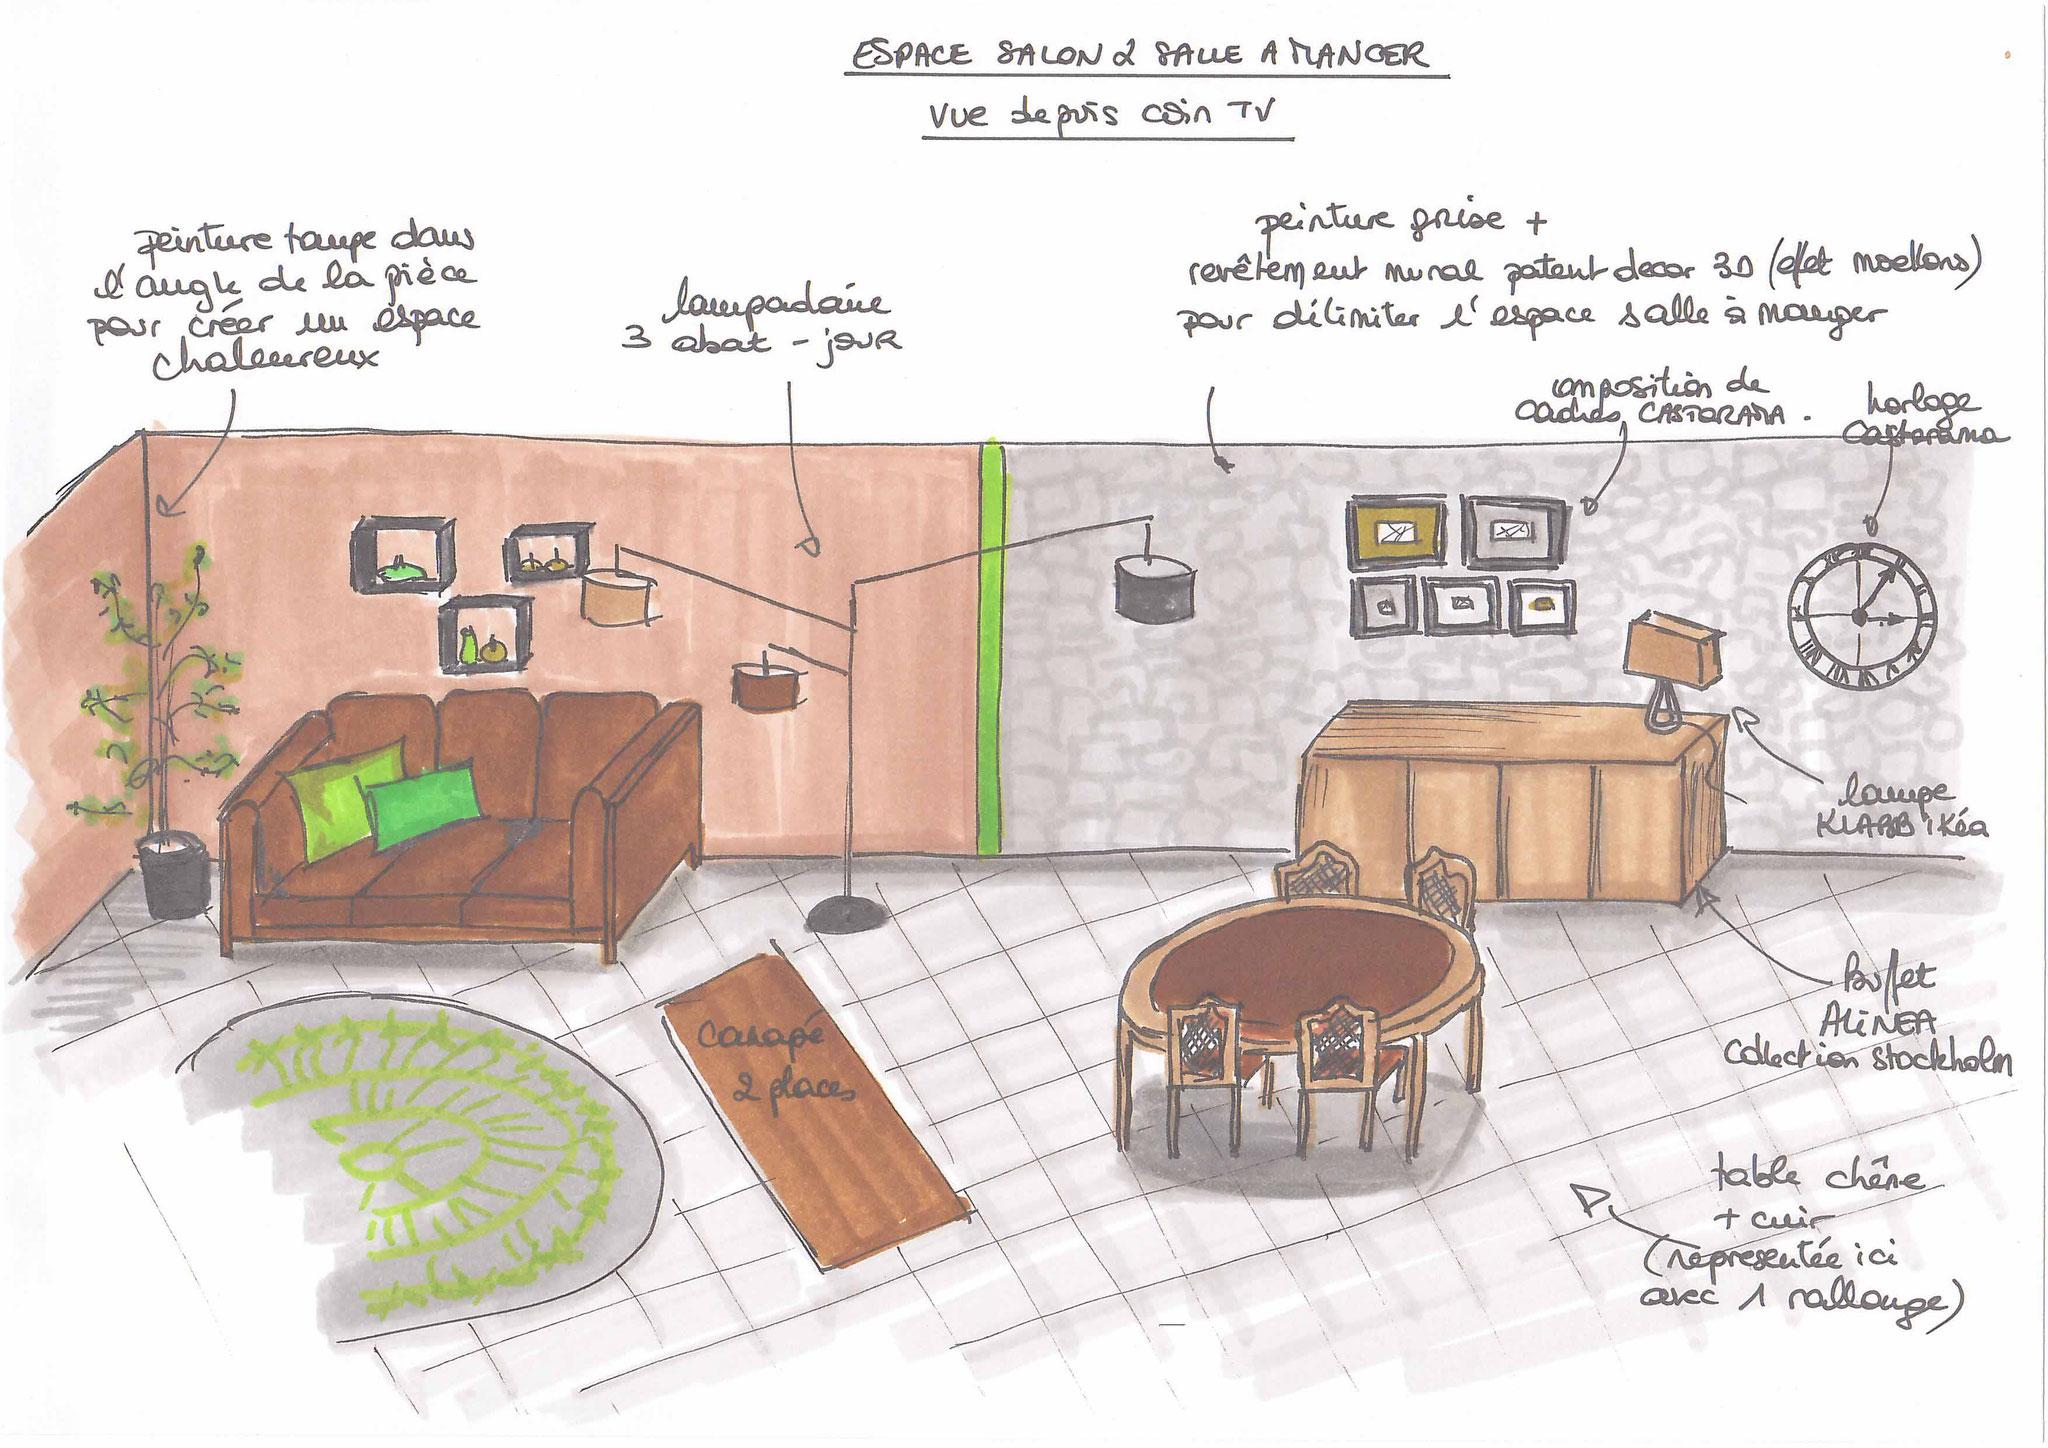 Atelier Inside-salle à manger collection stockholm alinéa, patent decor 3D, peinture unikalo